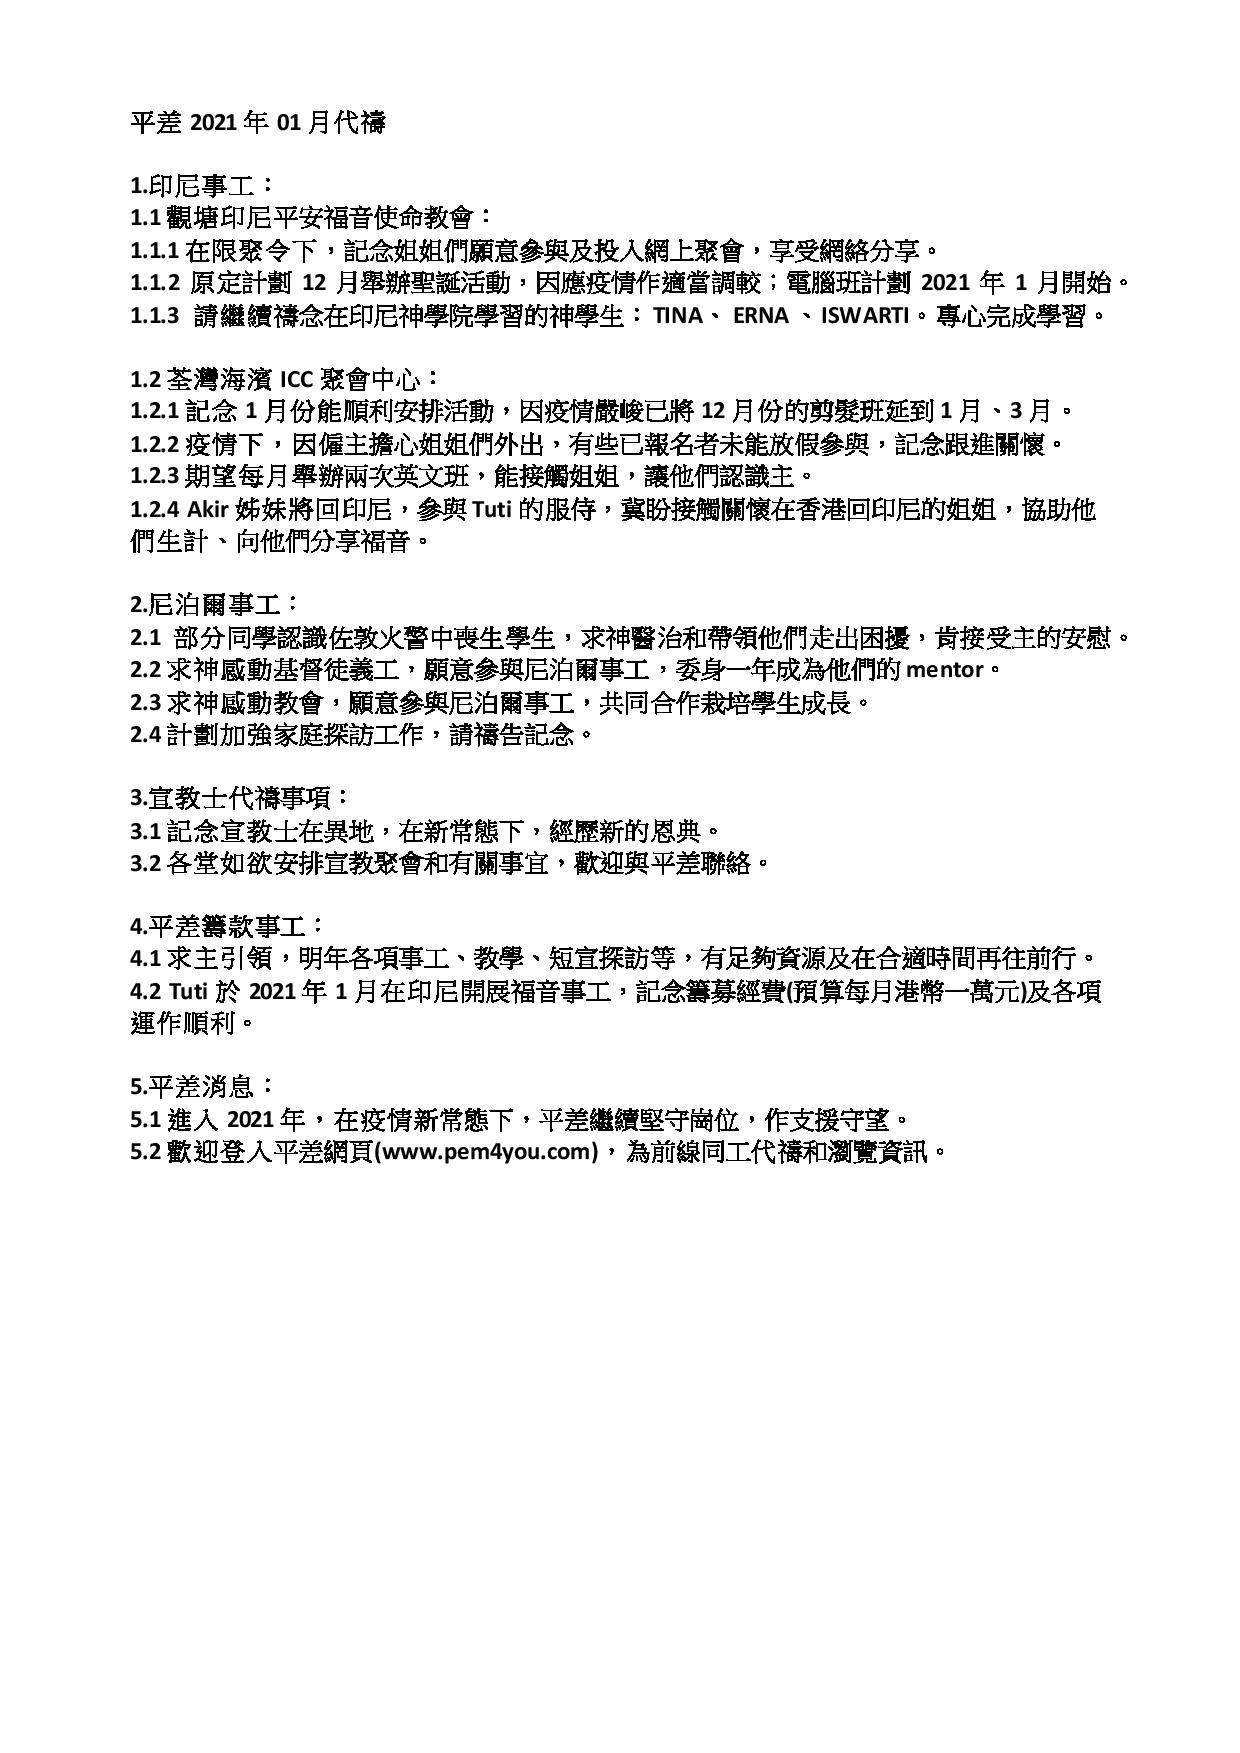 平差202101代禱-page-001